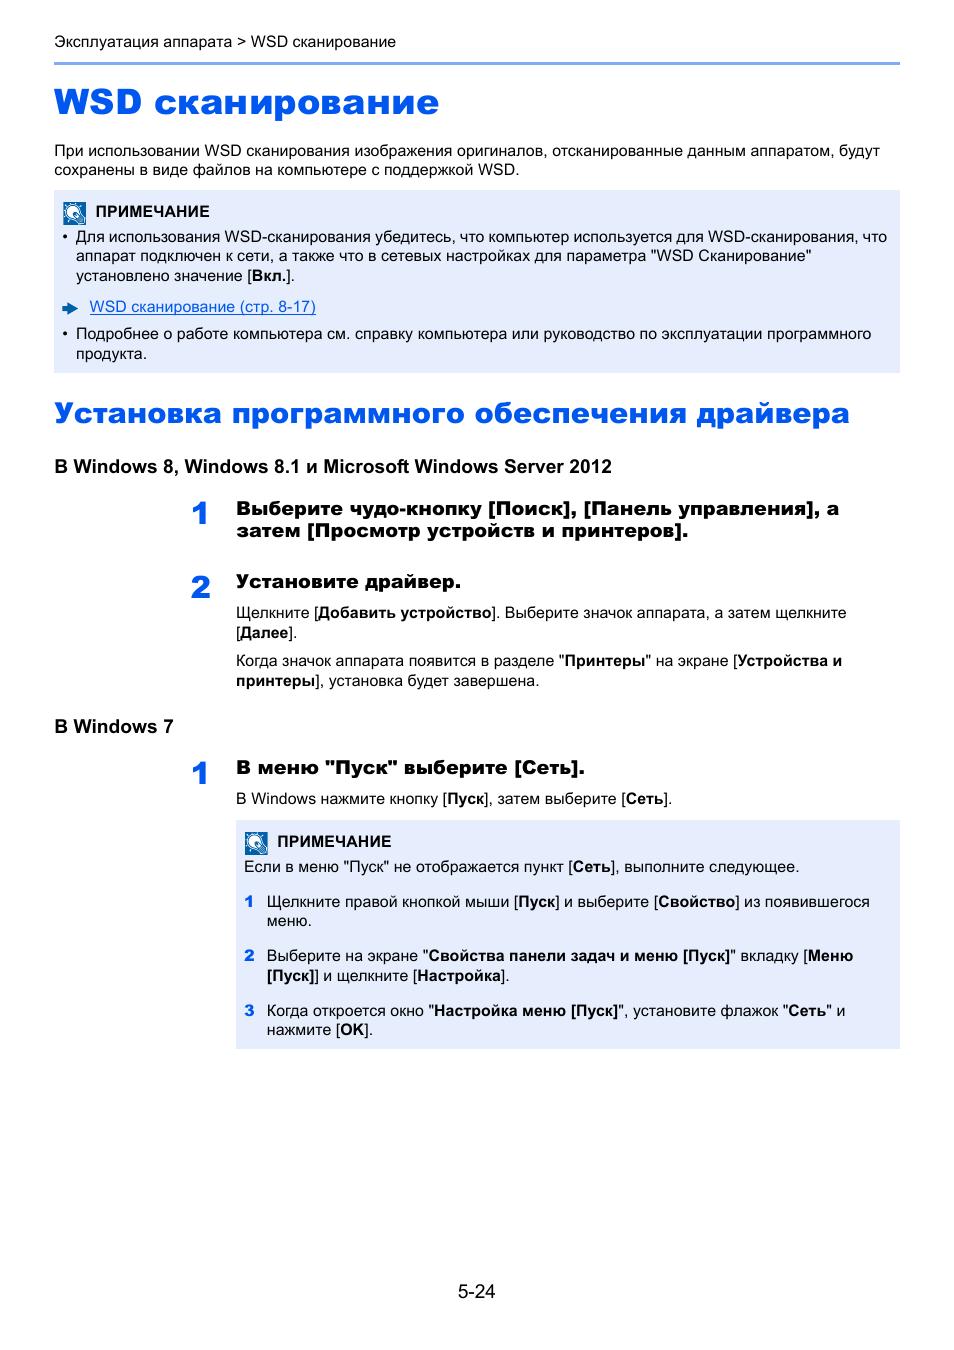 Инструкция по установке программного обеспечения